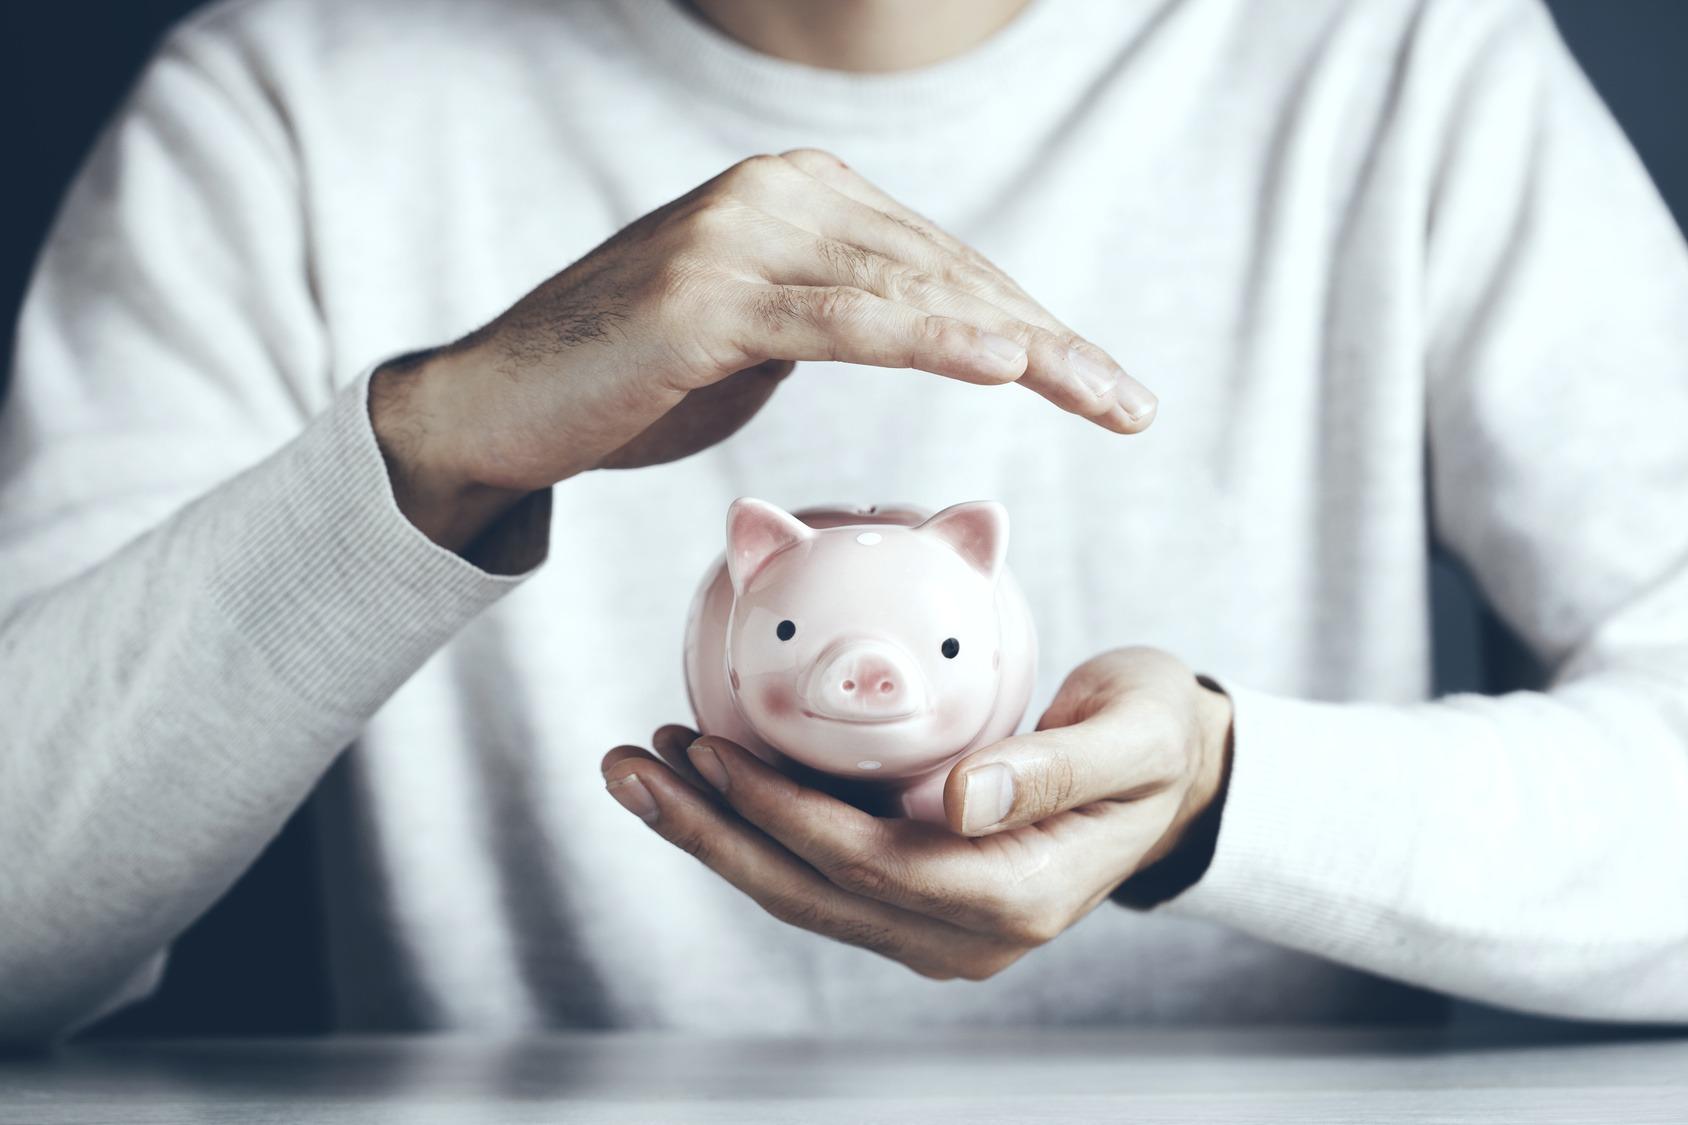 Ein Student hält ein Sparschwein in seiner linken Handfläche und hat seine rechte schützend darüber.